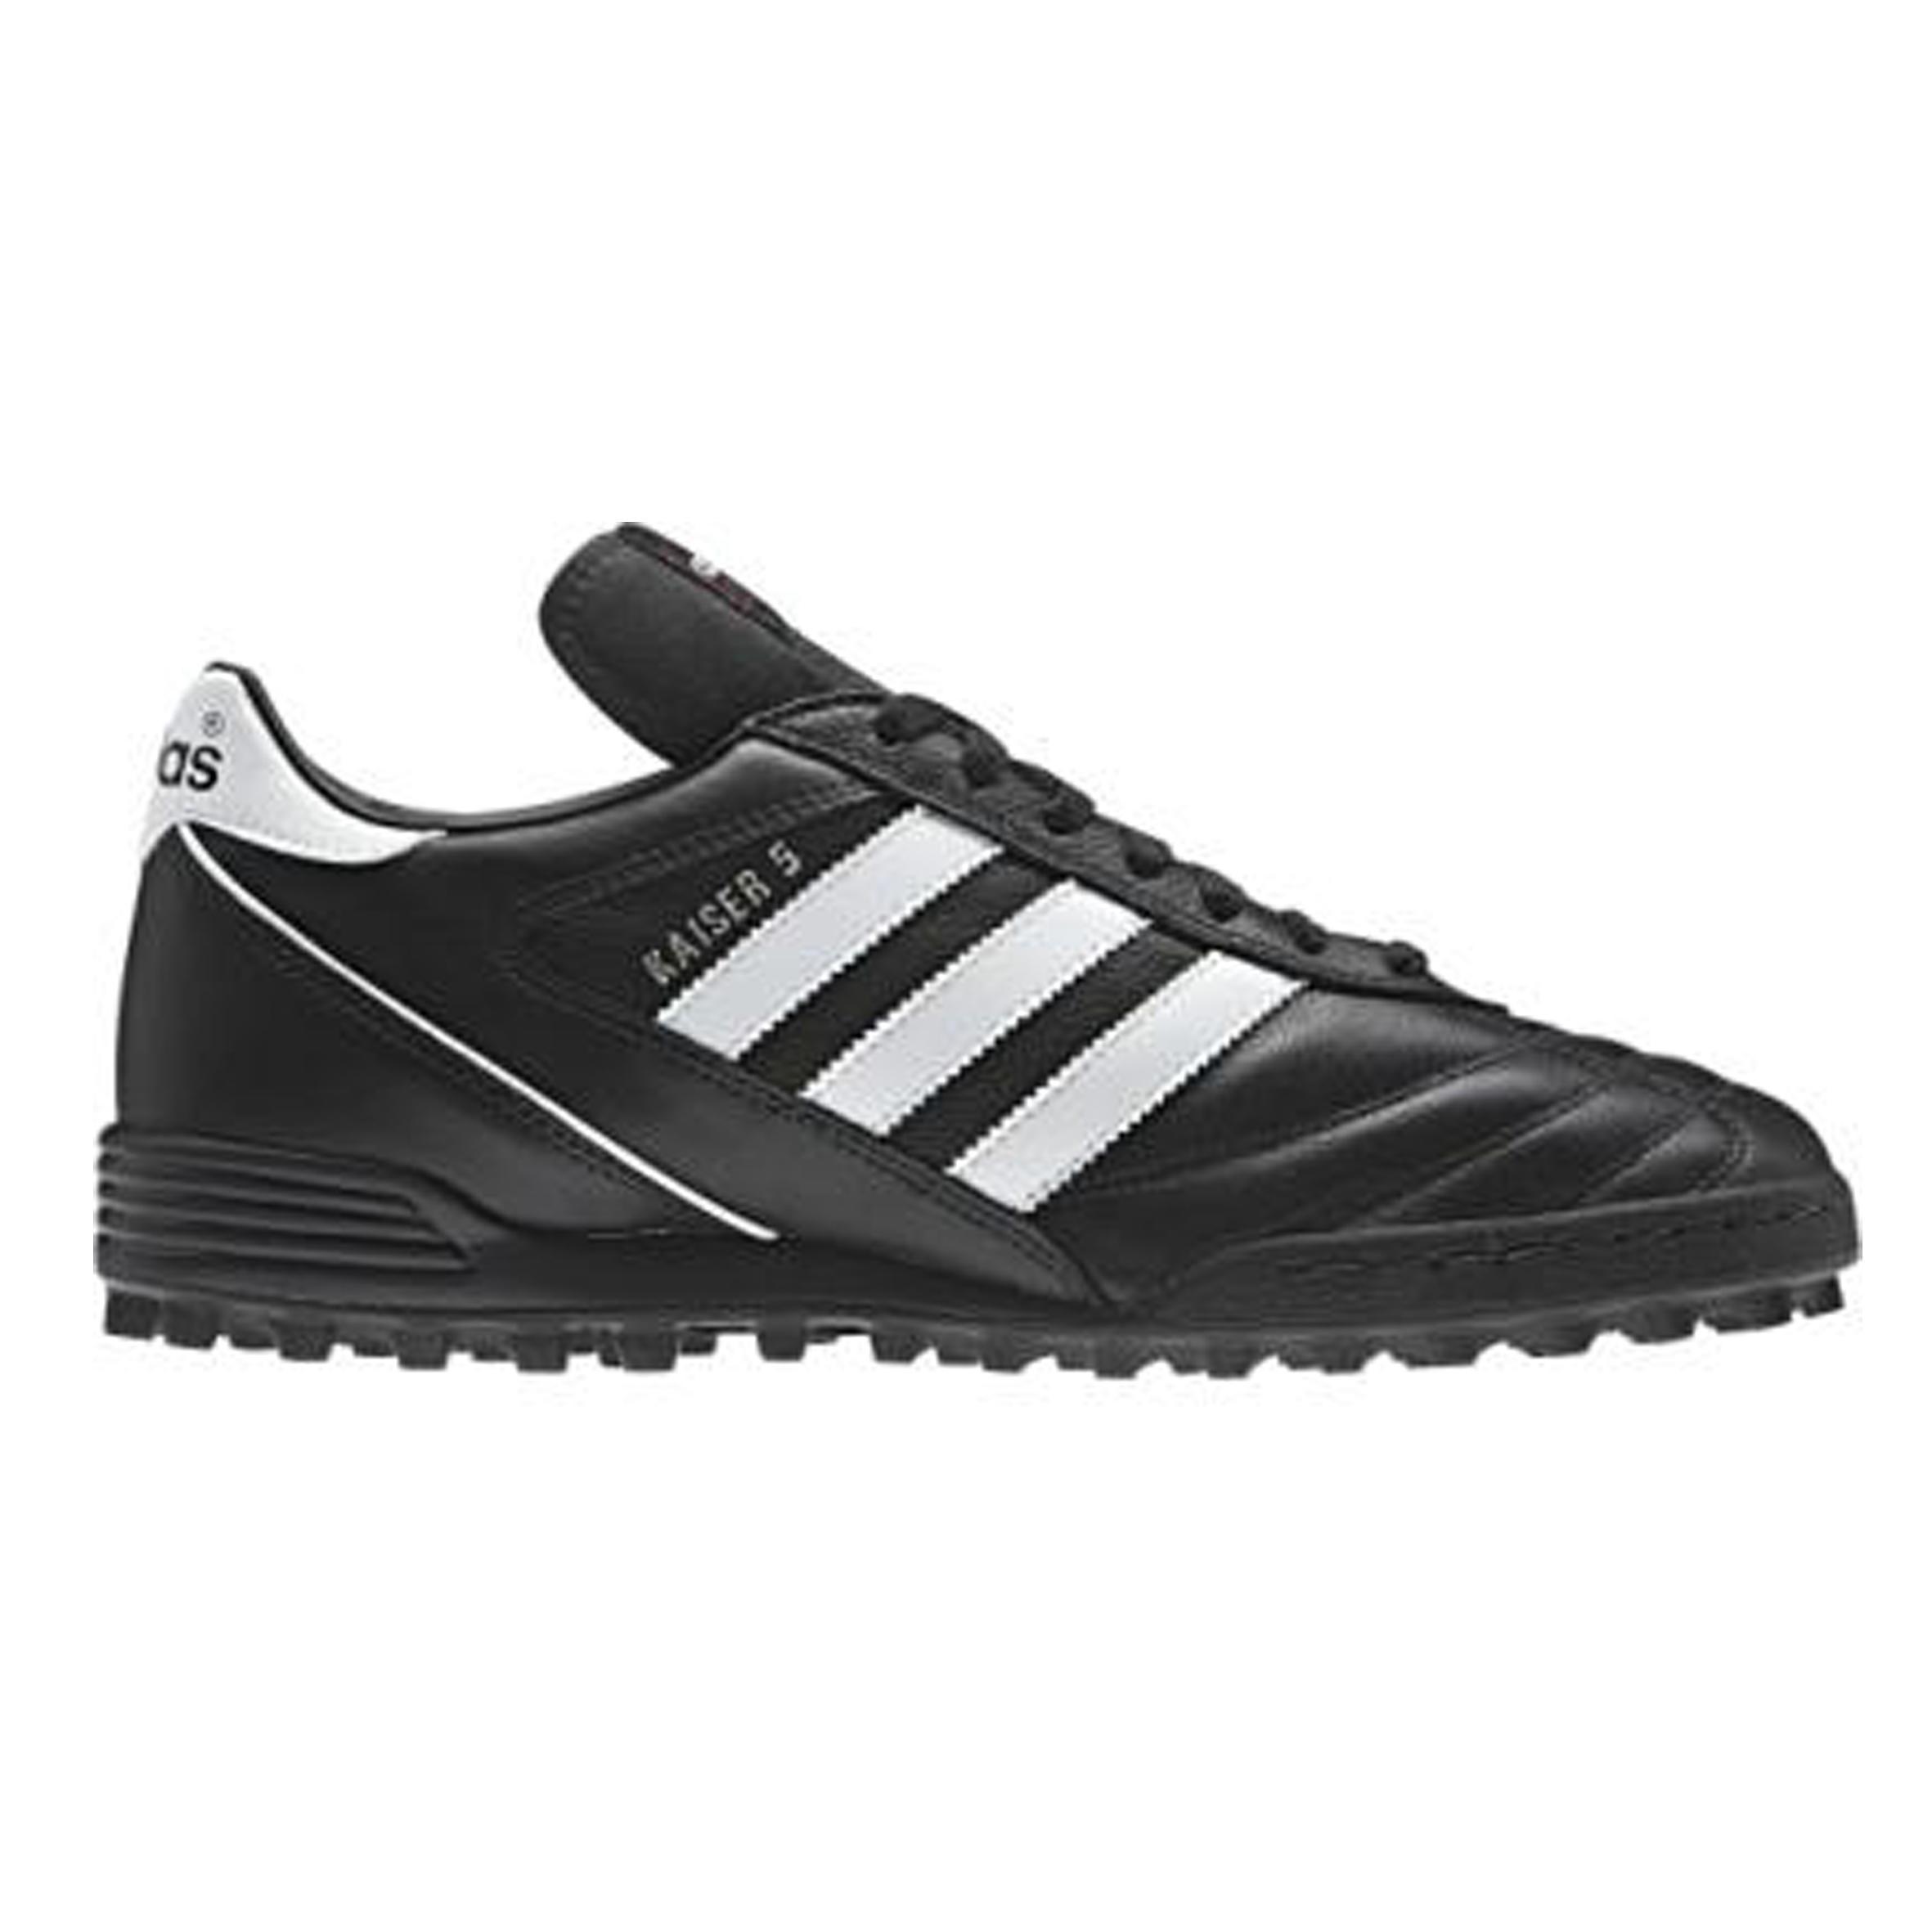 Conjugado taller norte  Adult HG Football Boots Kaiser 5 Team - Black ADIDAS - Decathlon